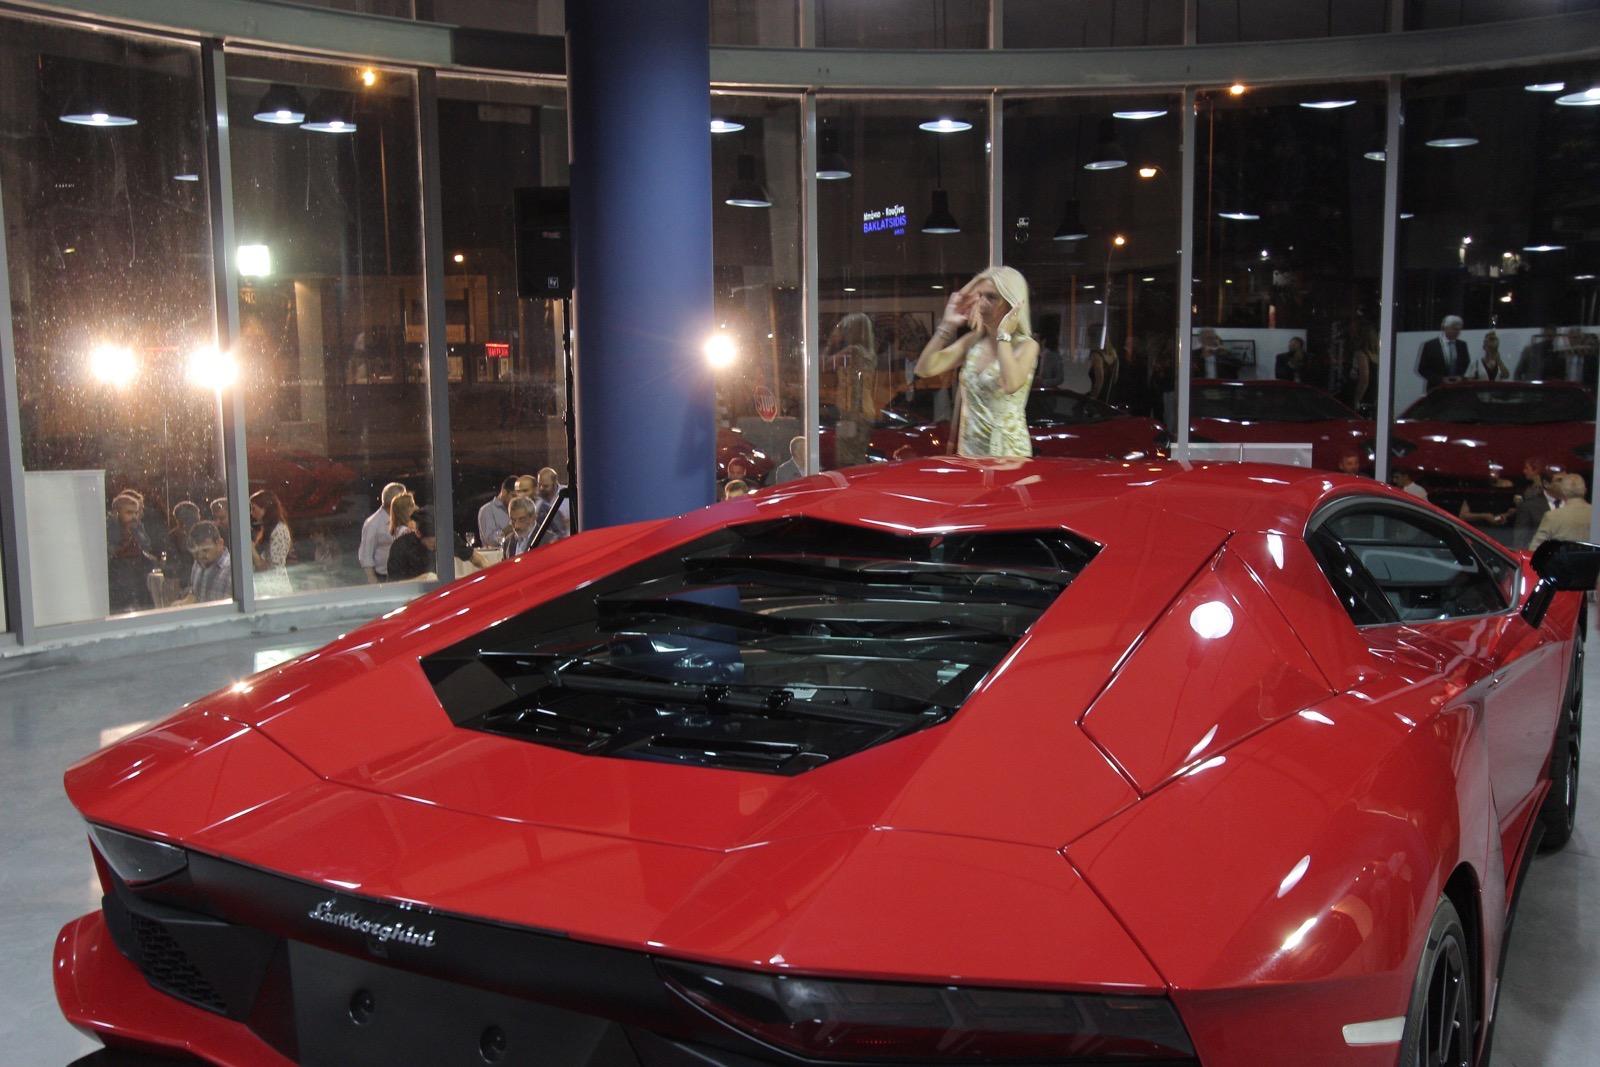 Lamborghini_Aventador_S_in_Greece_04